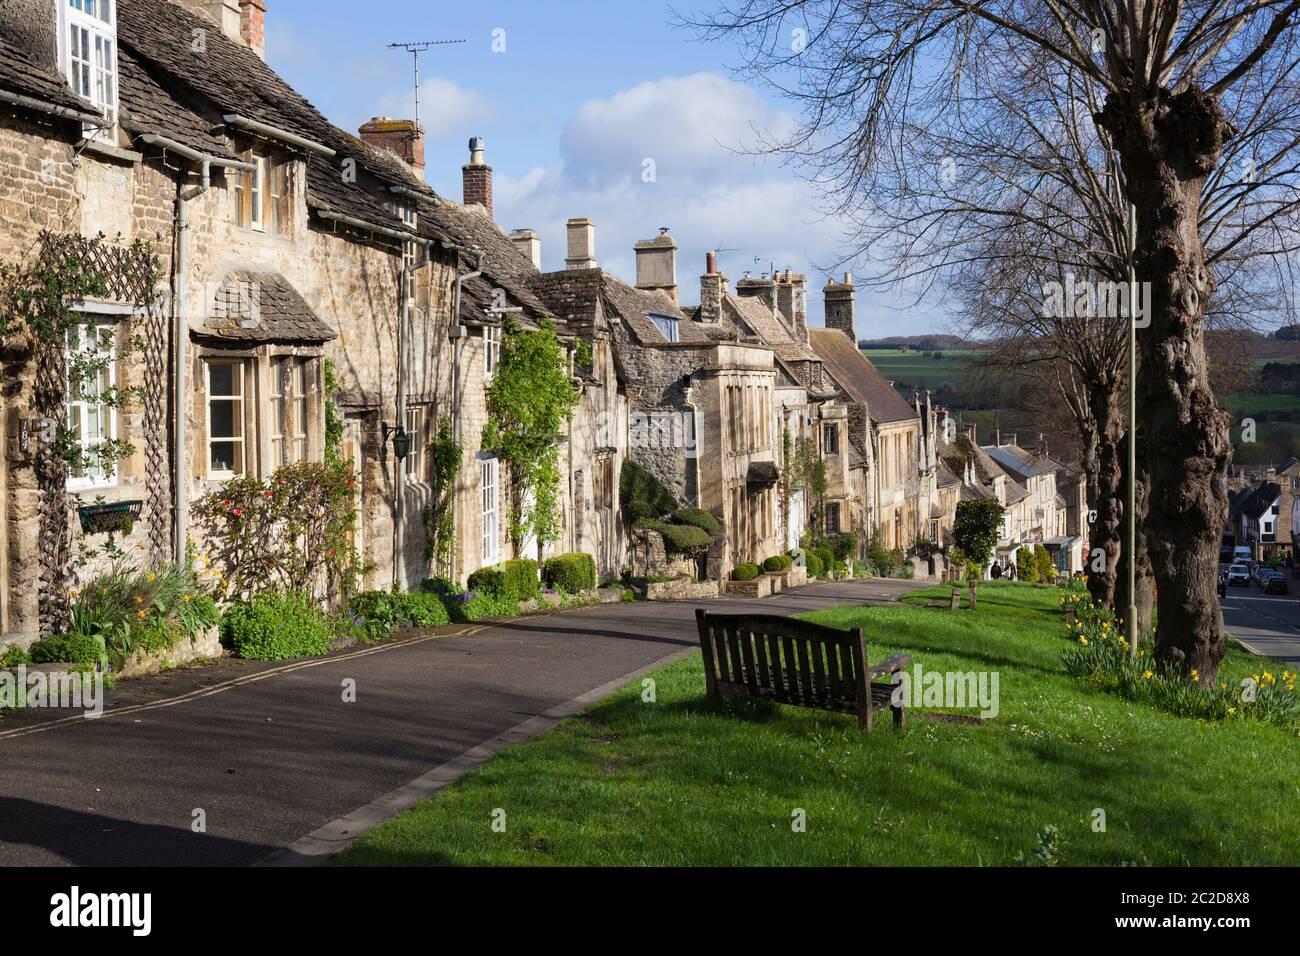 Cotswold chalets le long de la colline, Cotswolds, Burford, Oxfordshire, Angleterre, Royaume-Uni, Europe Banque D'Images